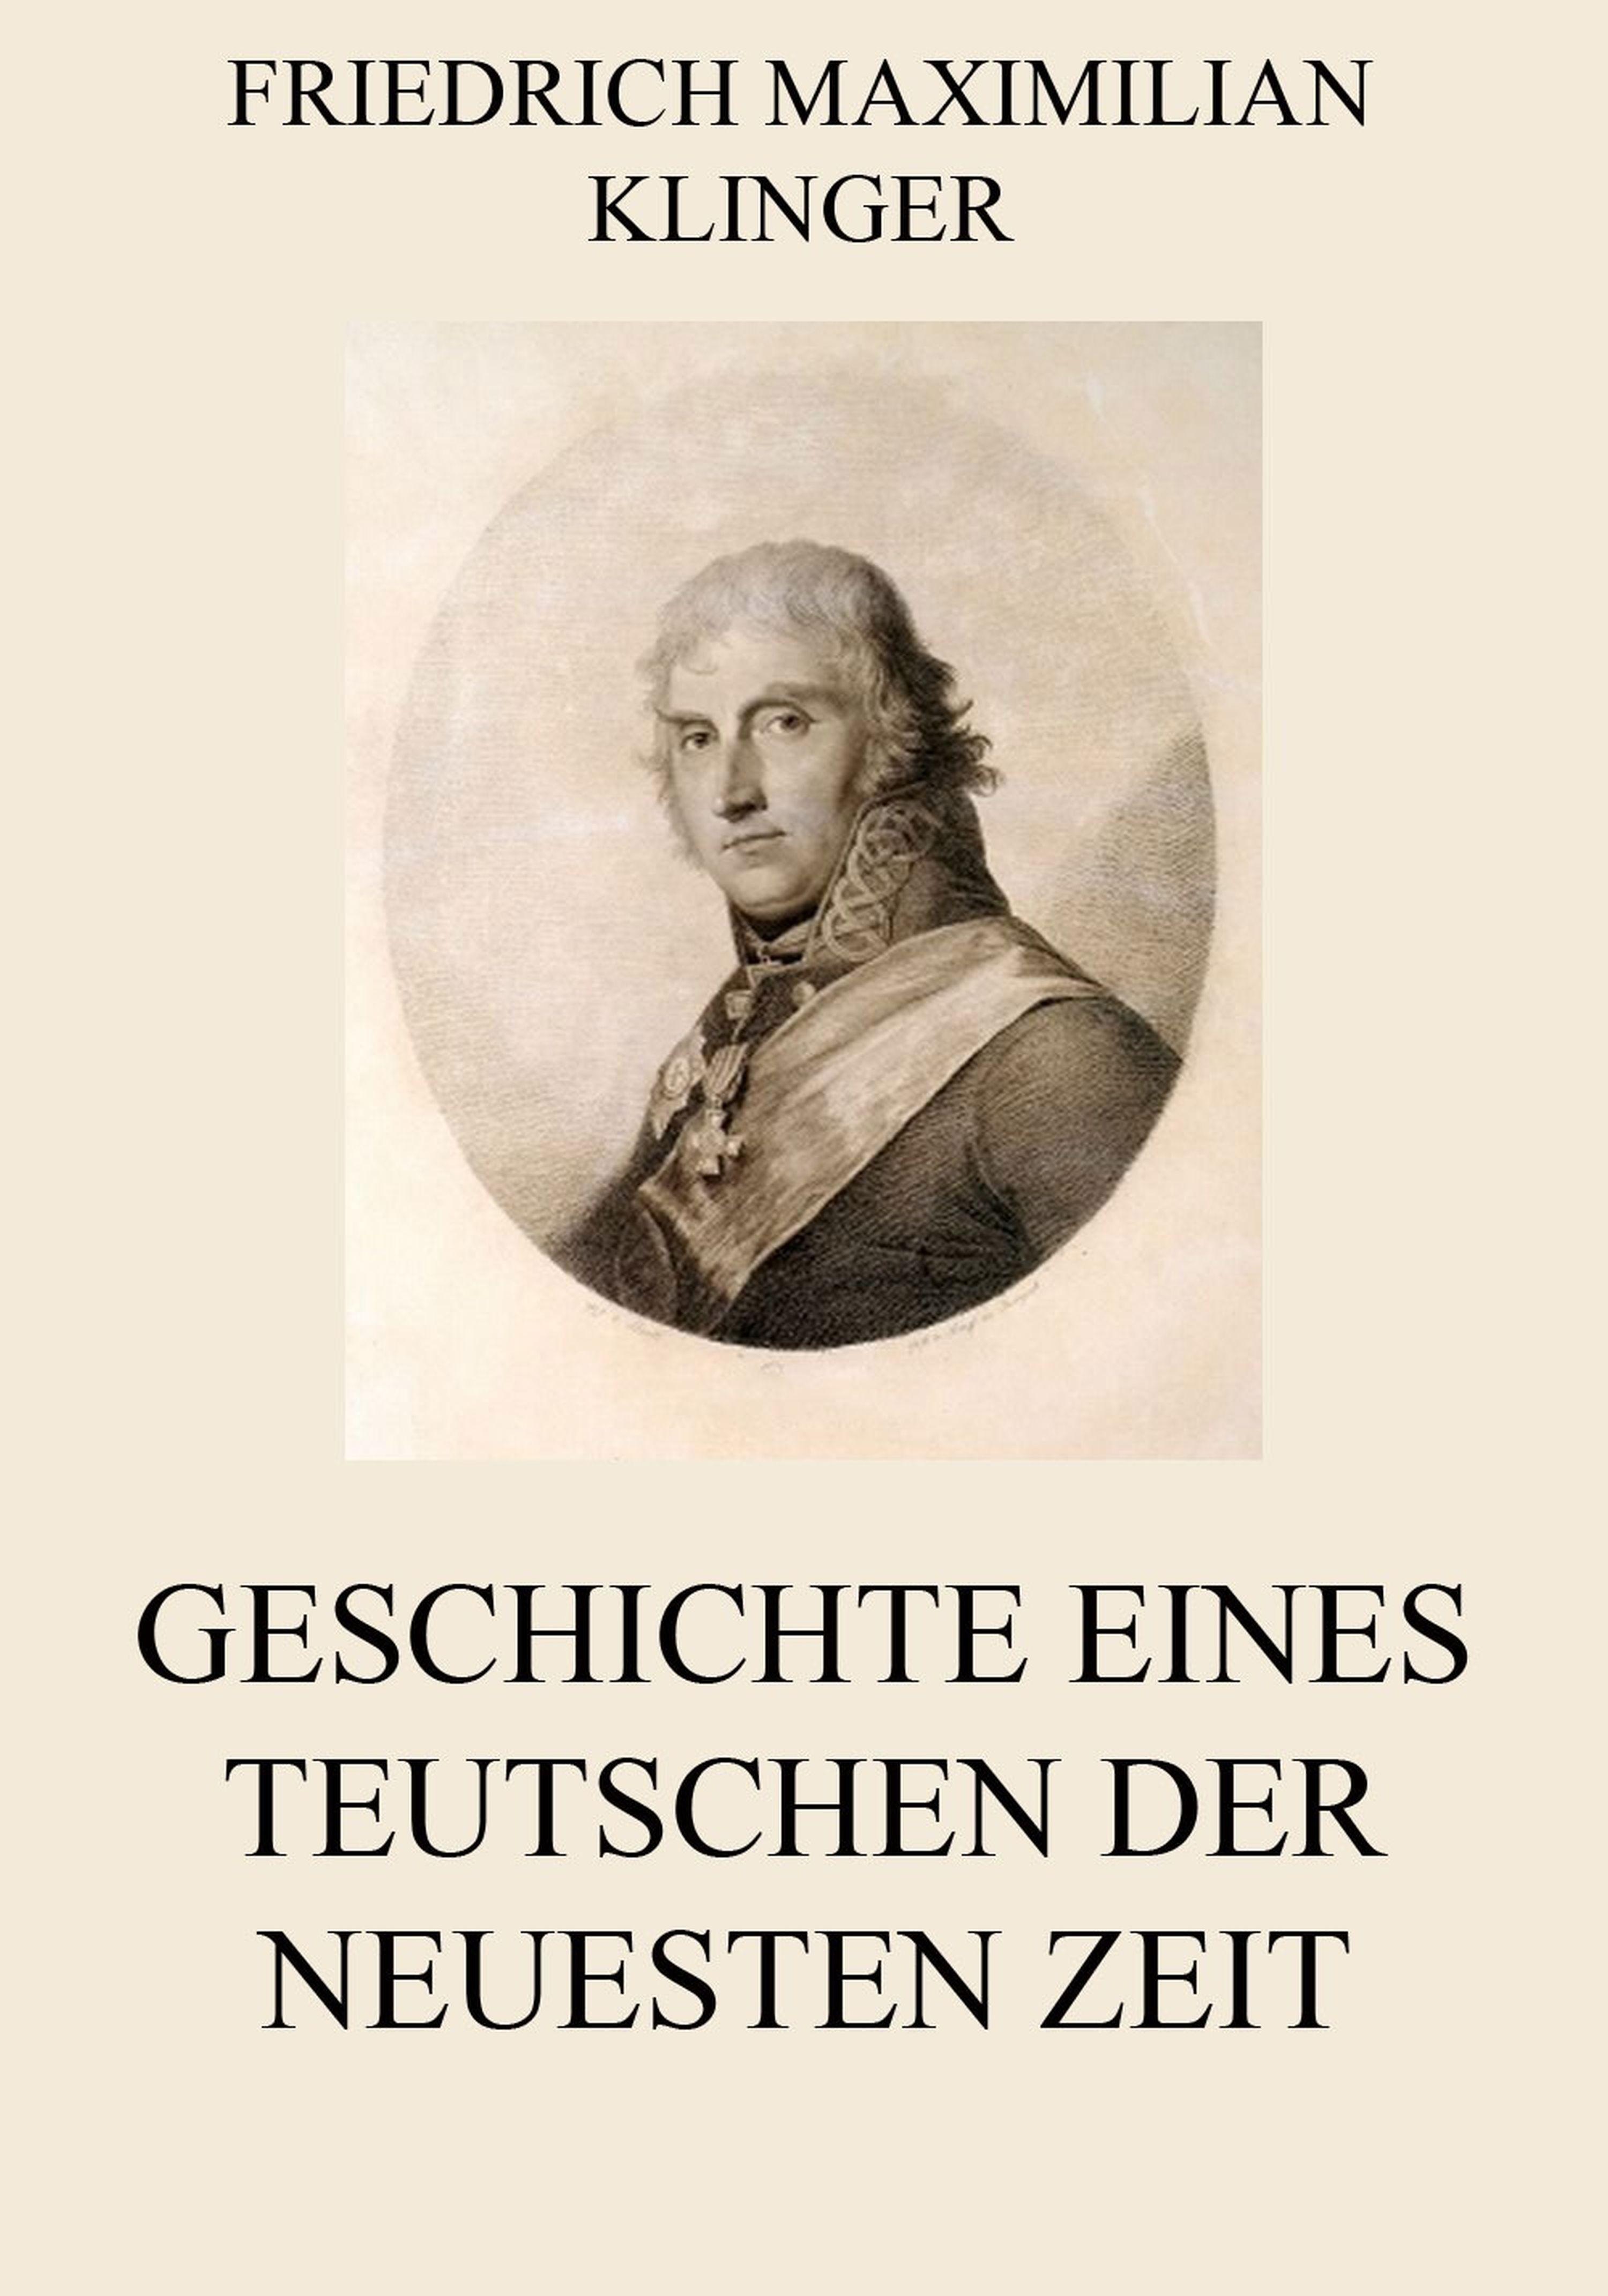 цены Friedrich Maximilian Klinger Geschichte eines Teutschen der neuesten Zeit